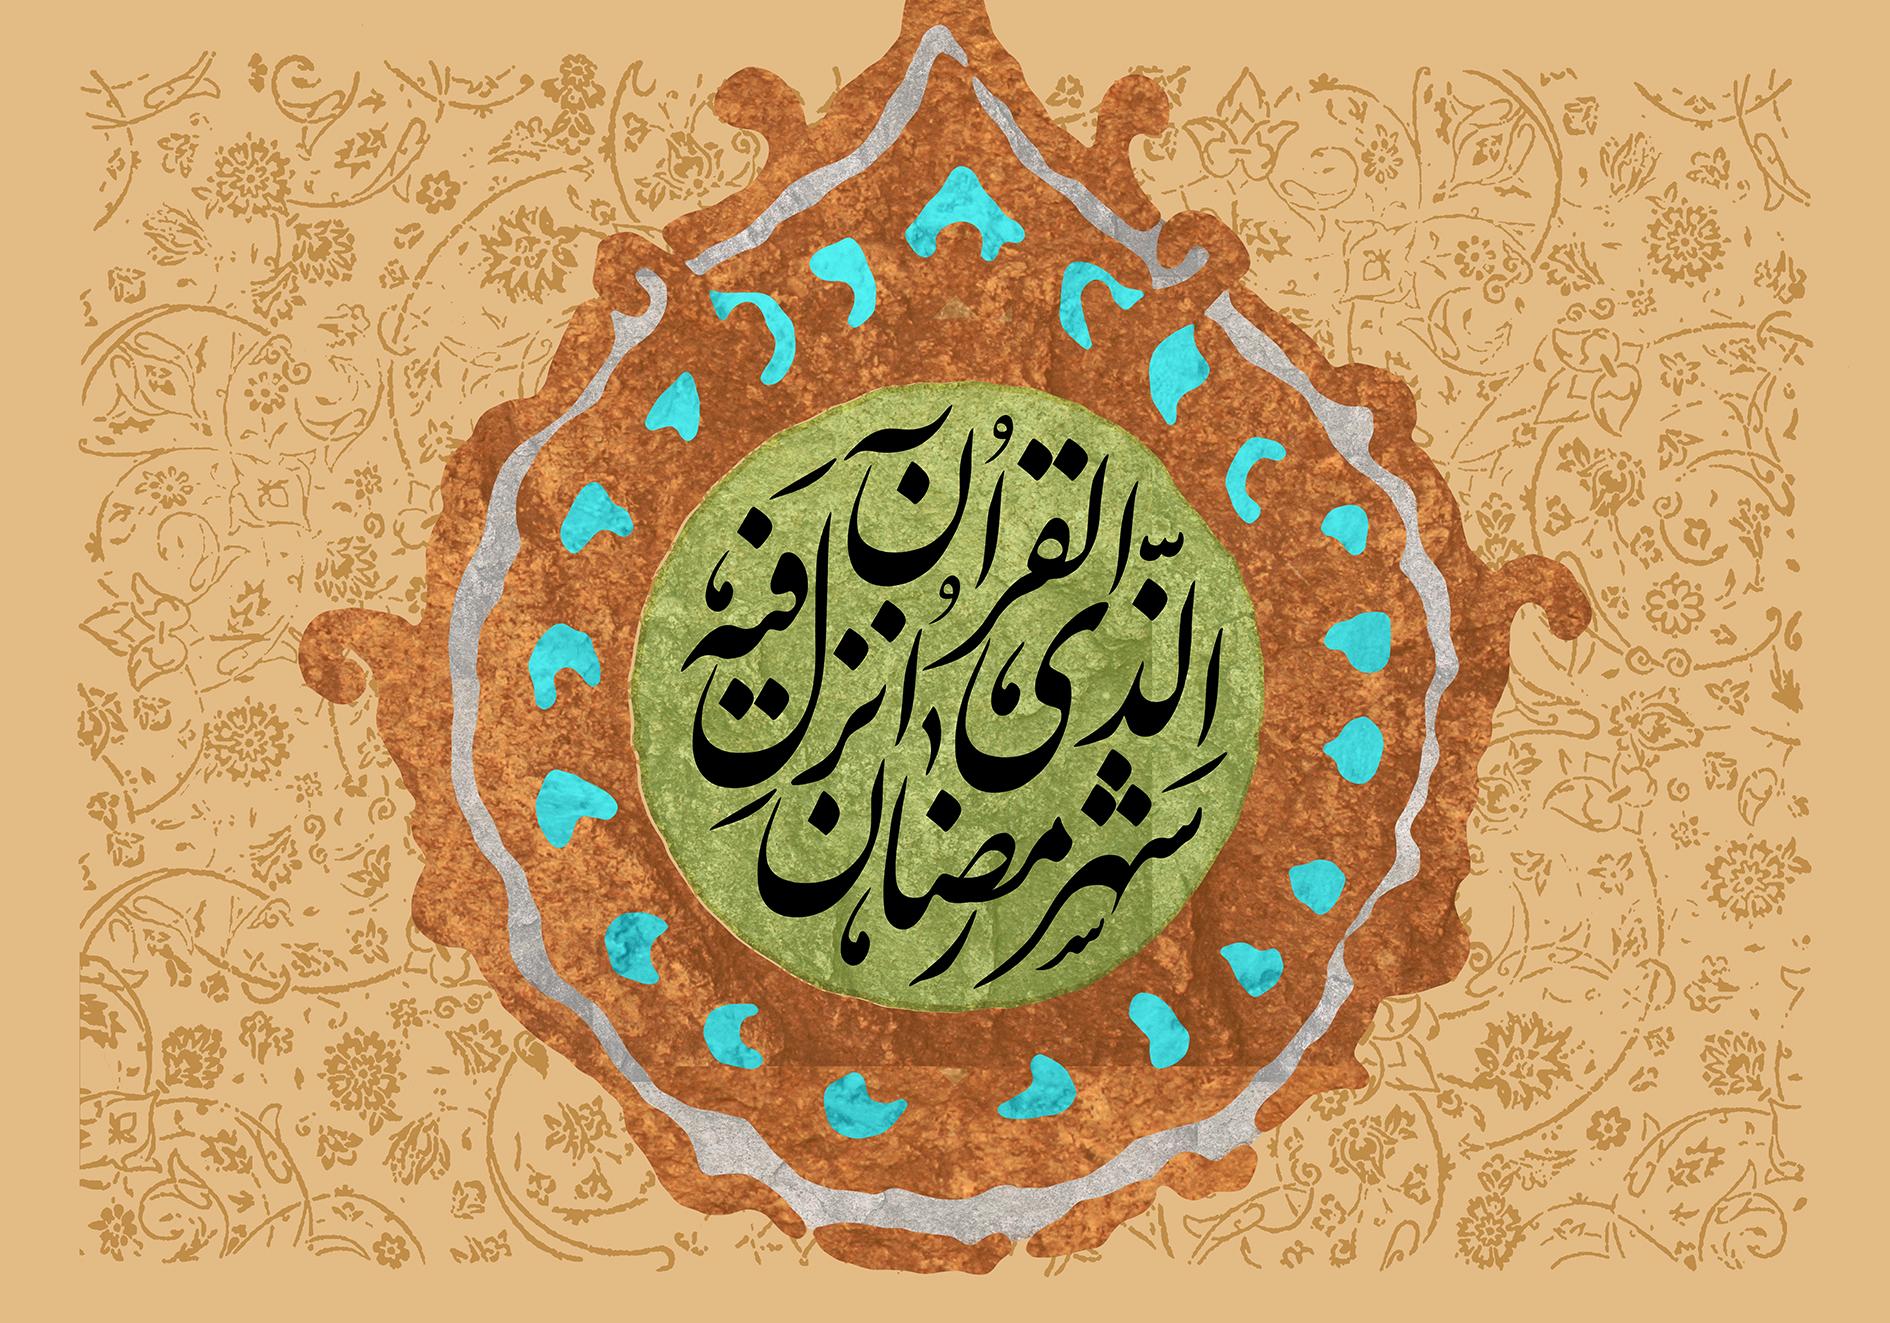 تصویر از پرچم ادعیه رمضان مدل 01556